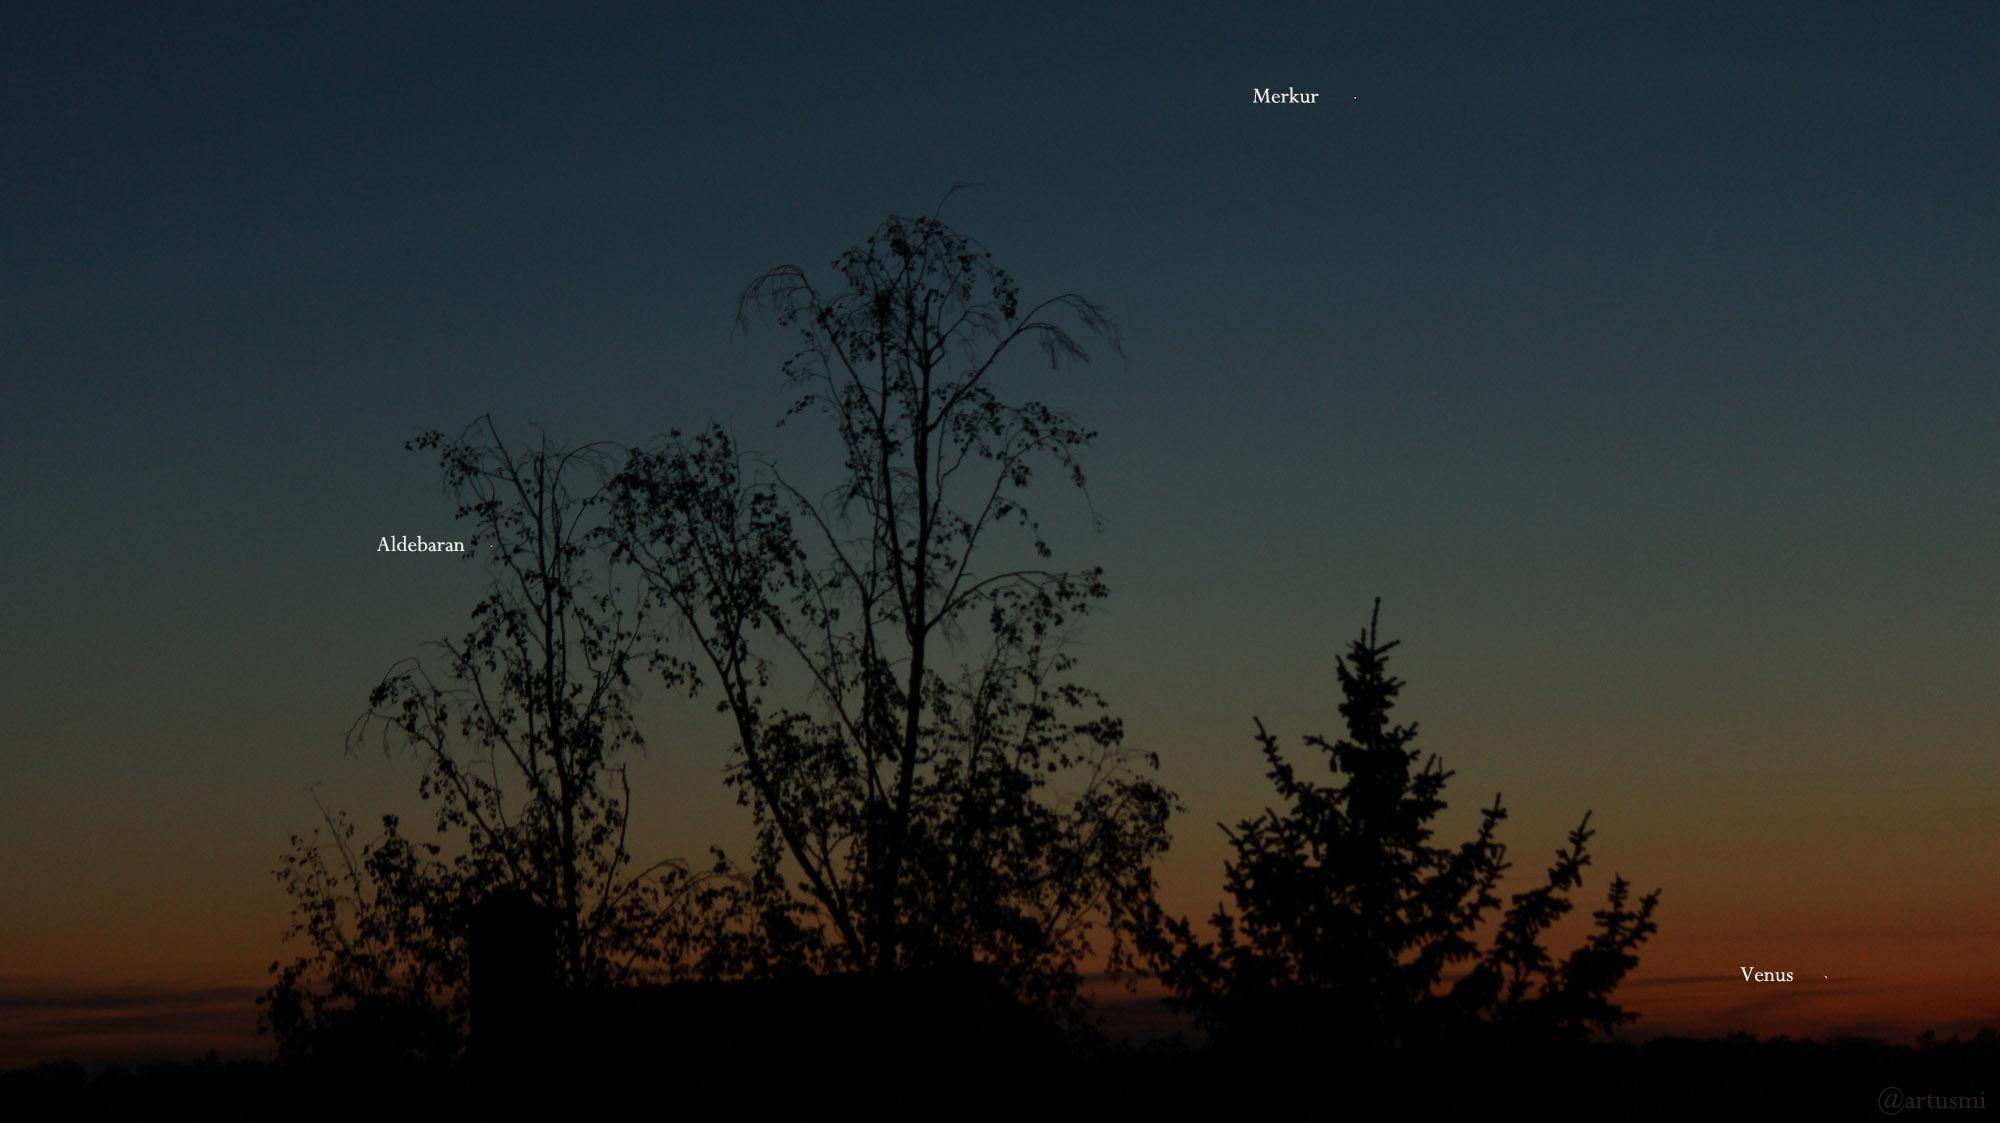 Aldebaran, Merkur und Venus am 8. Mai 2021 am West Nordwesthimmel von Eisingen